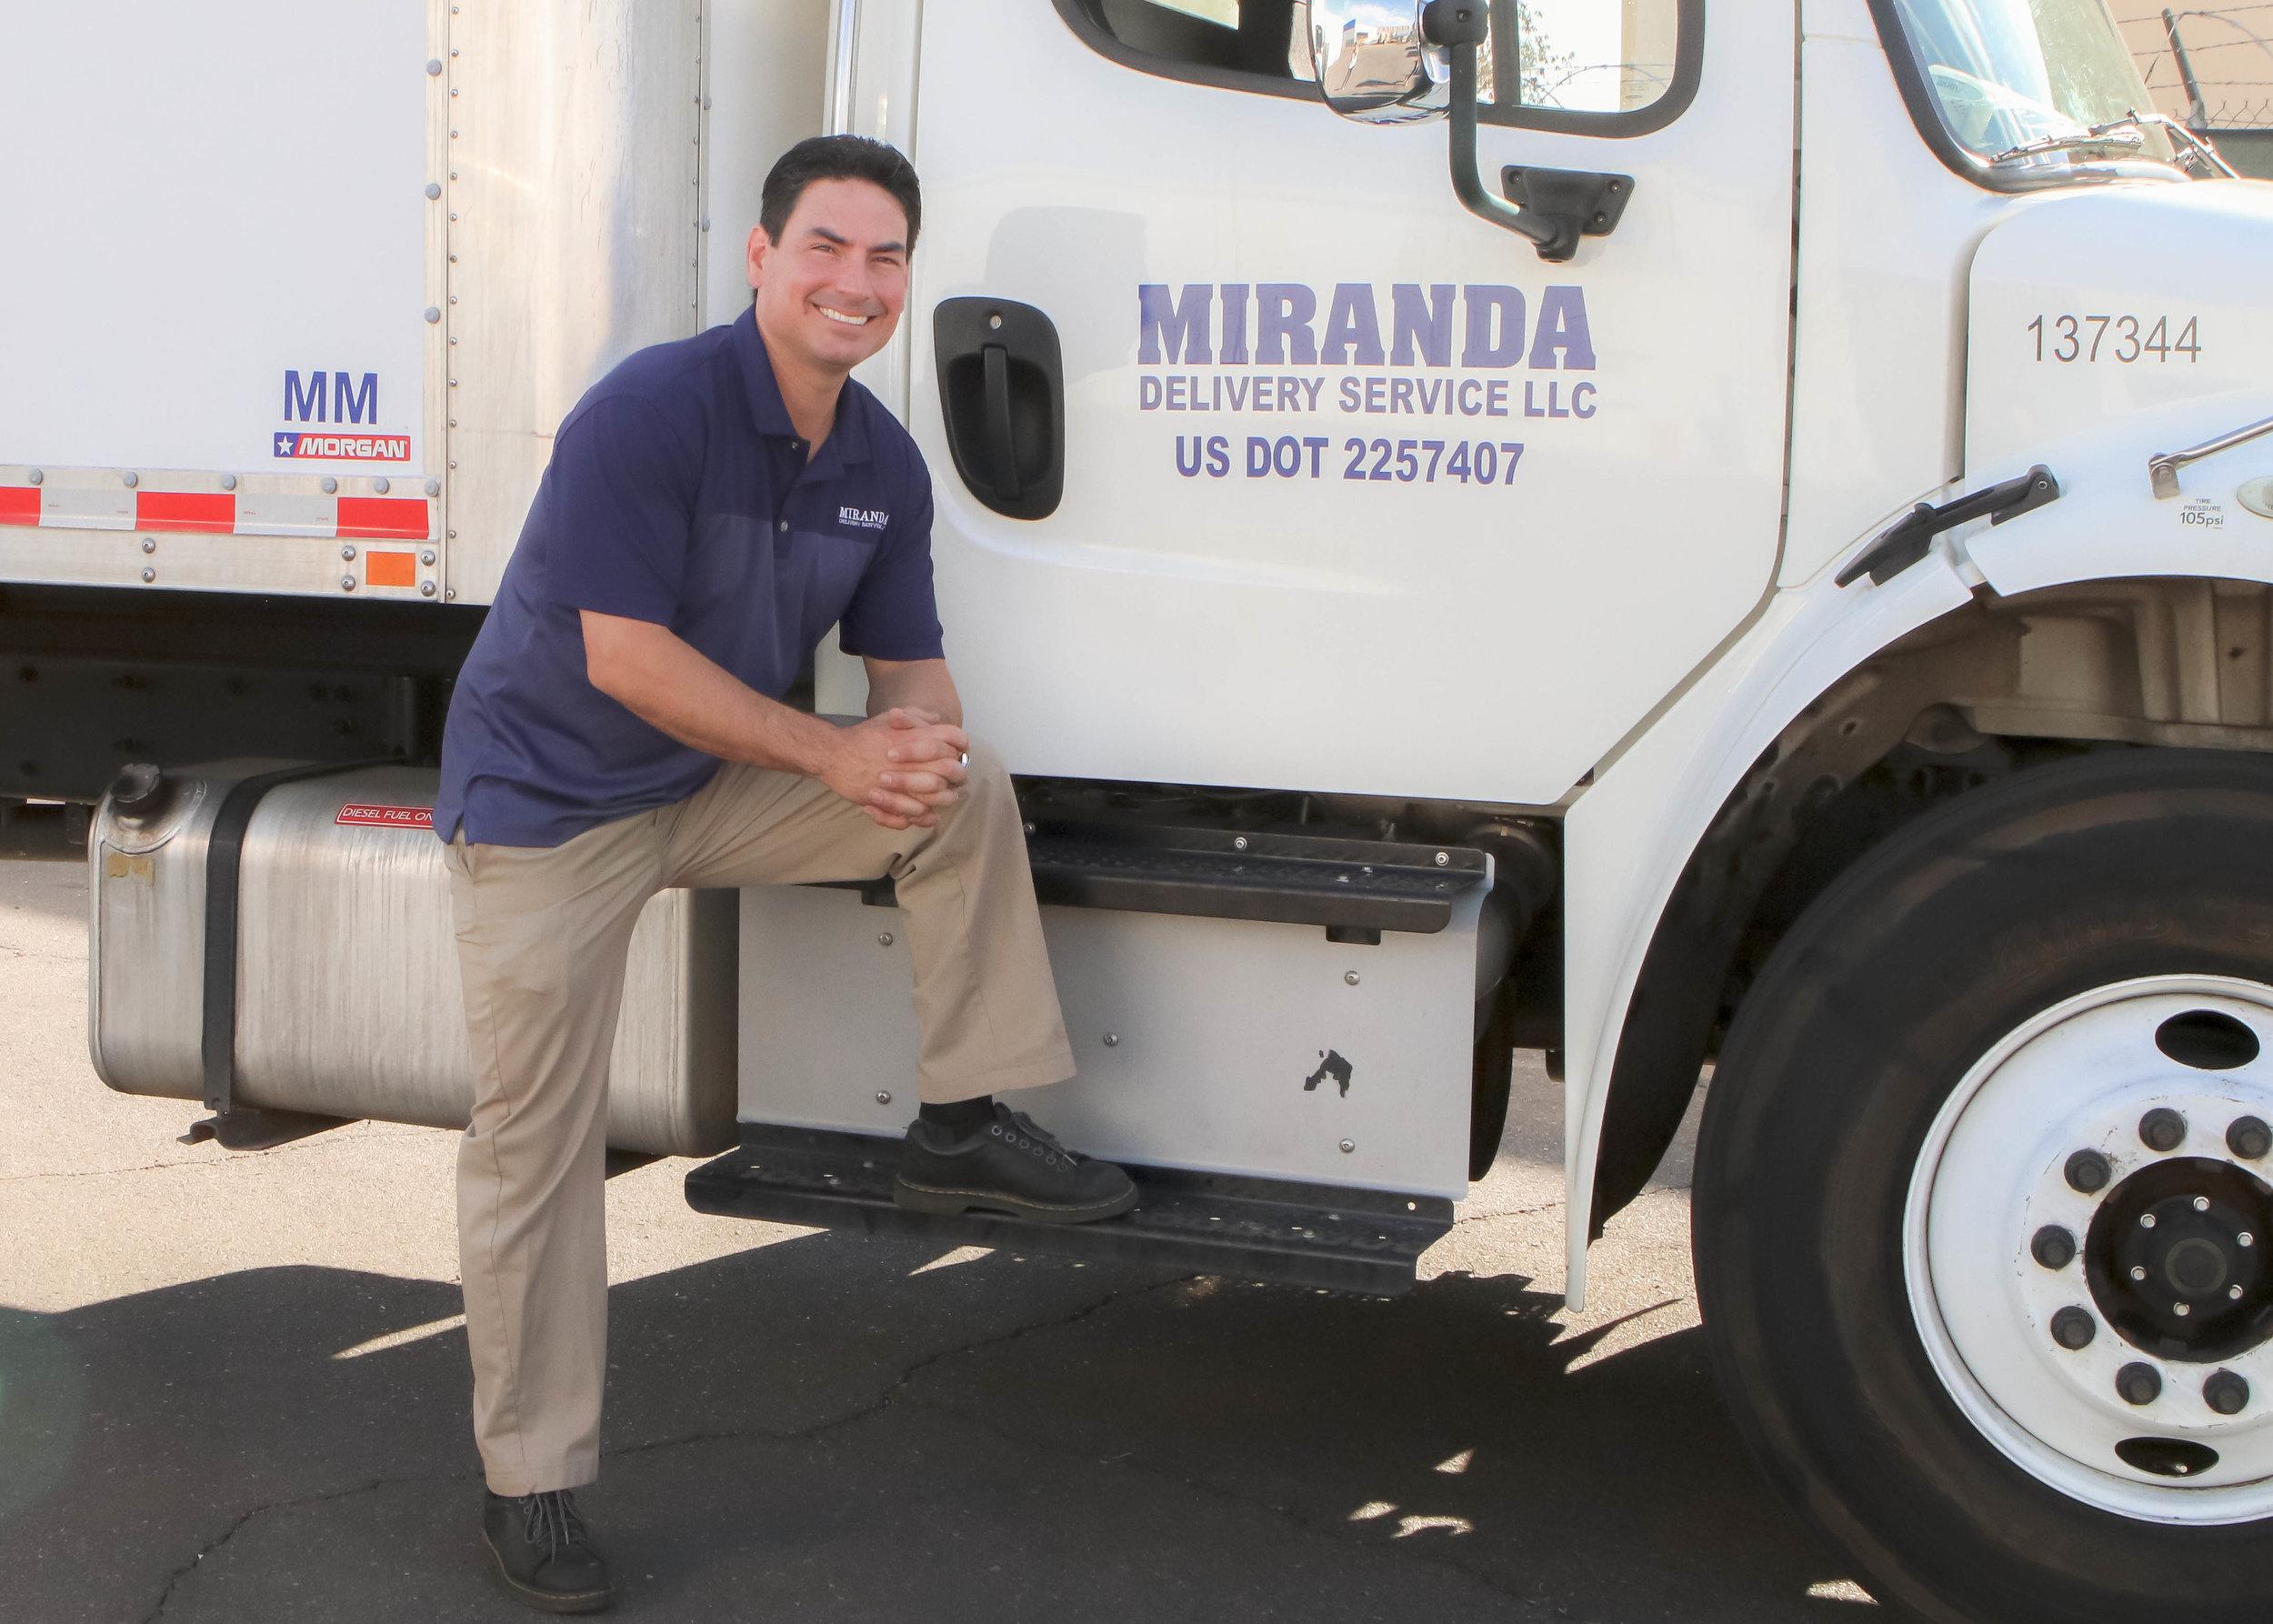 Cisco Miranda.jpg